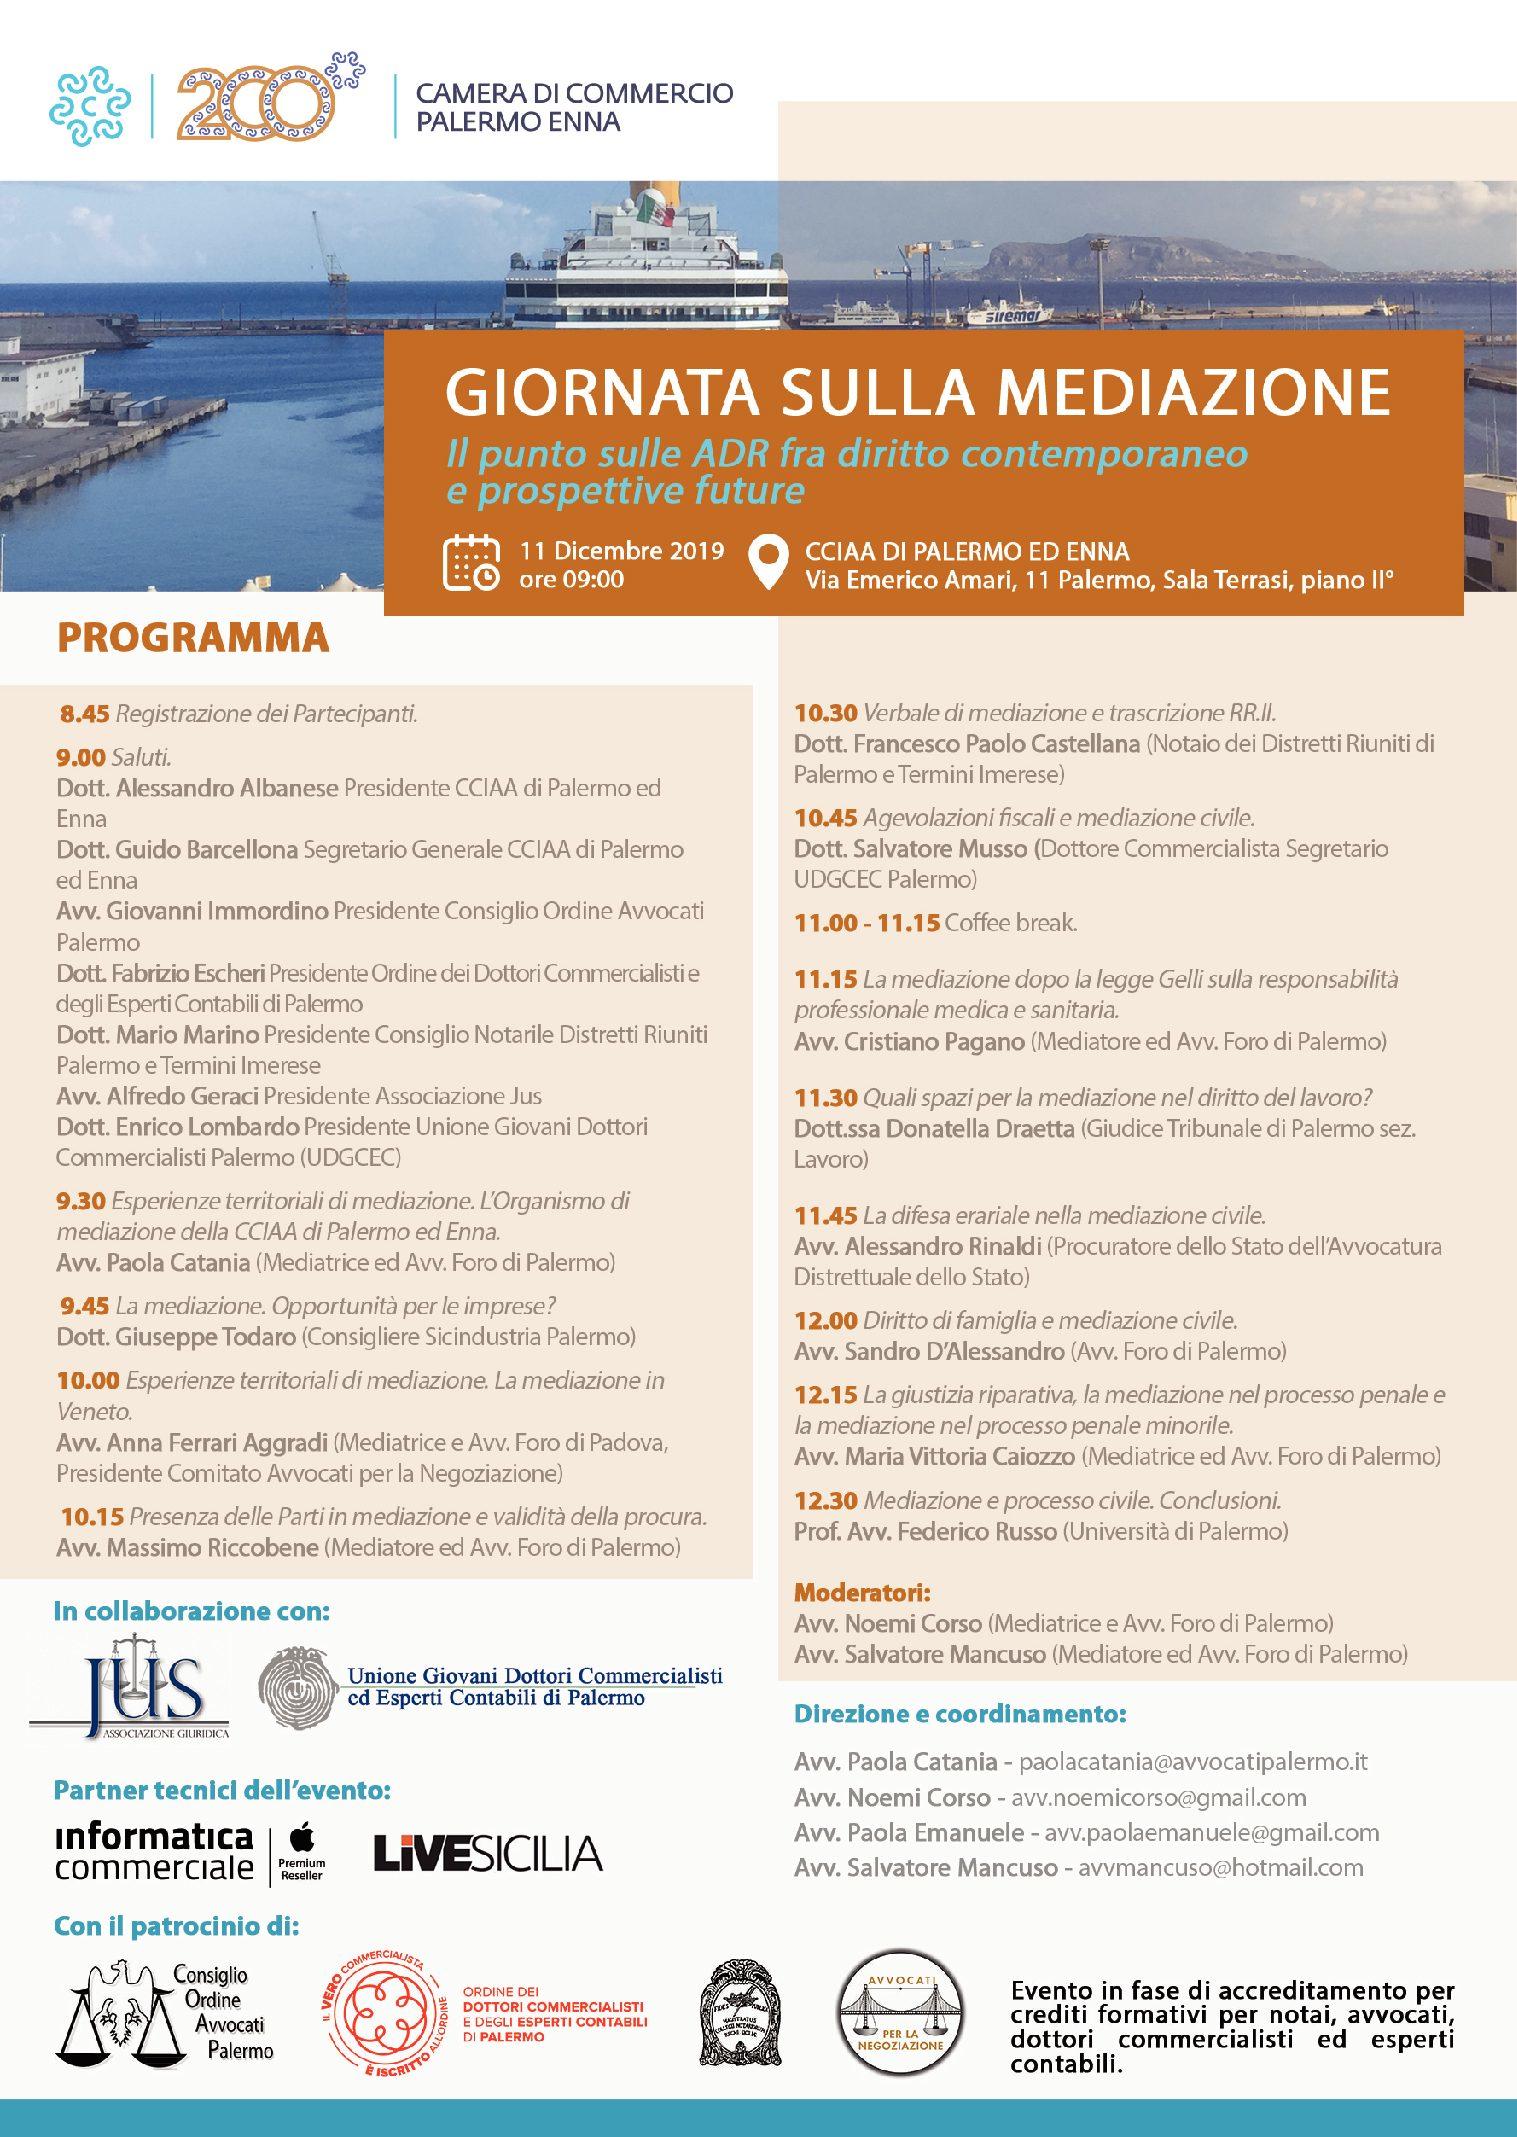 Giornata sulla mediazione Palermo 11.12.2019